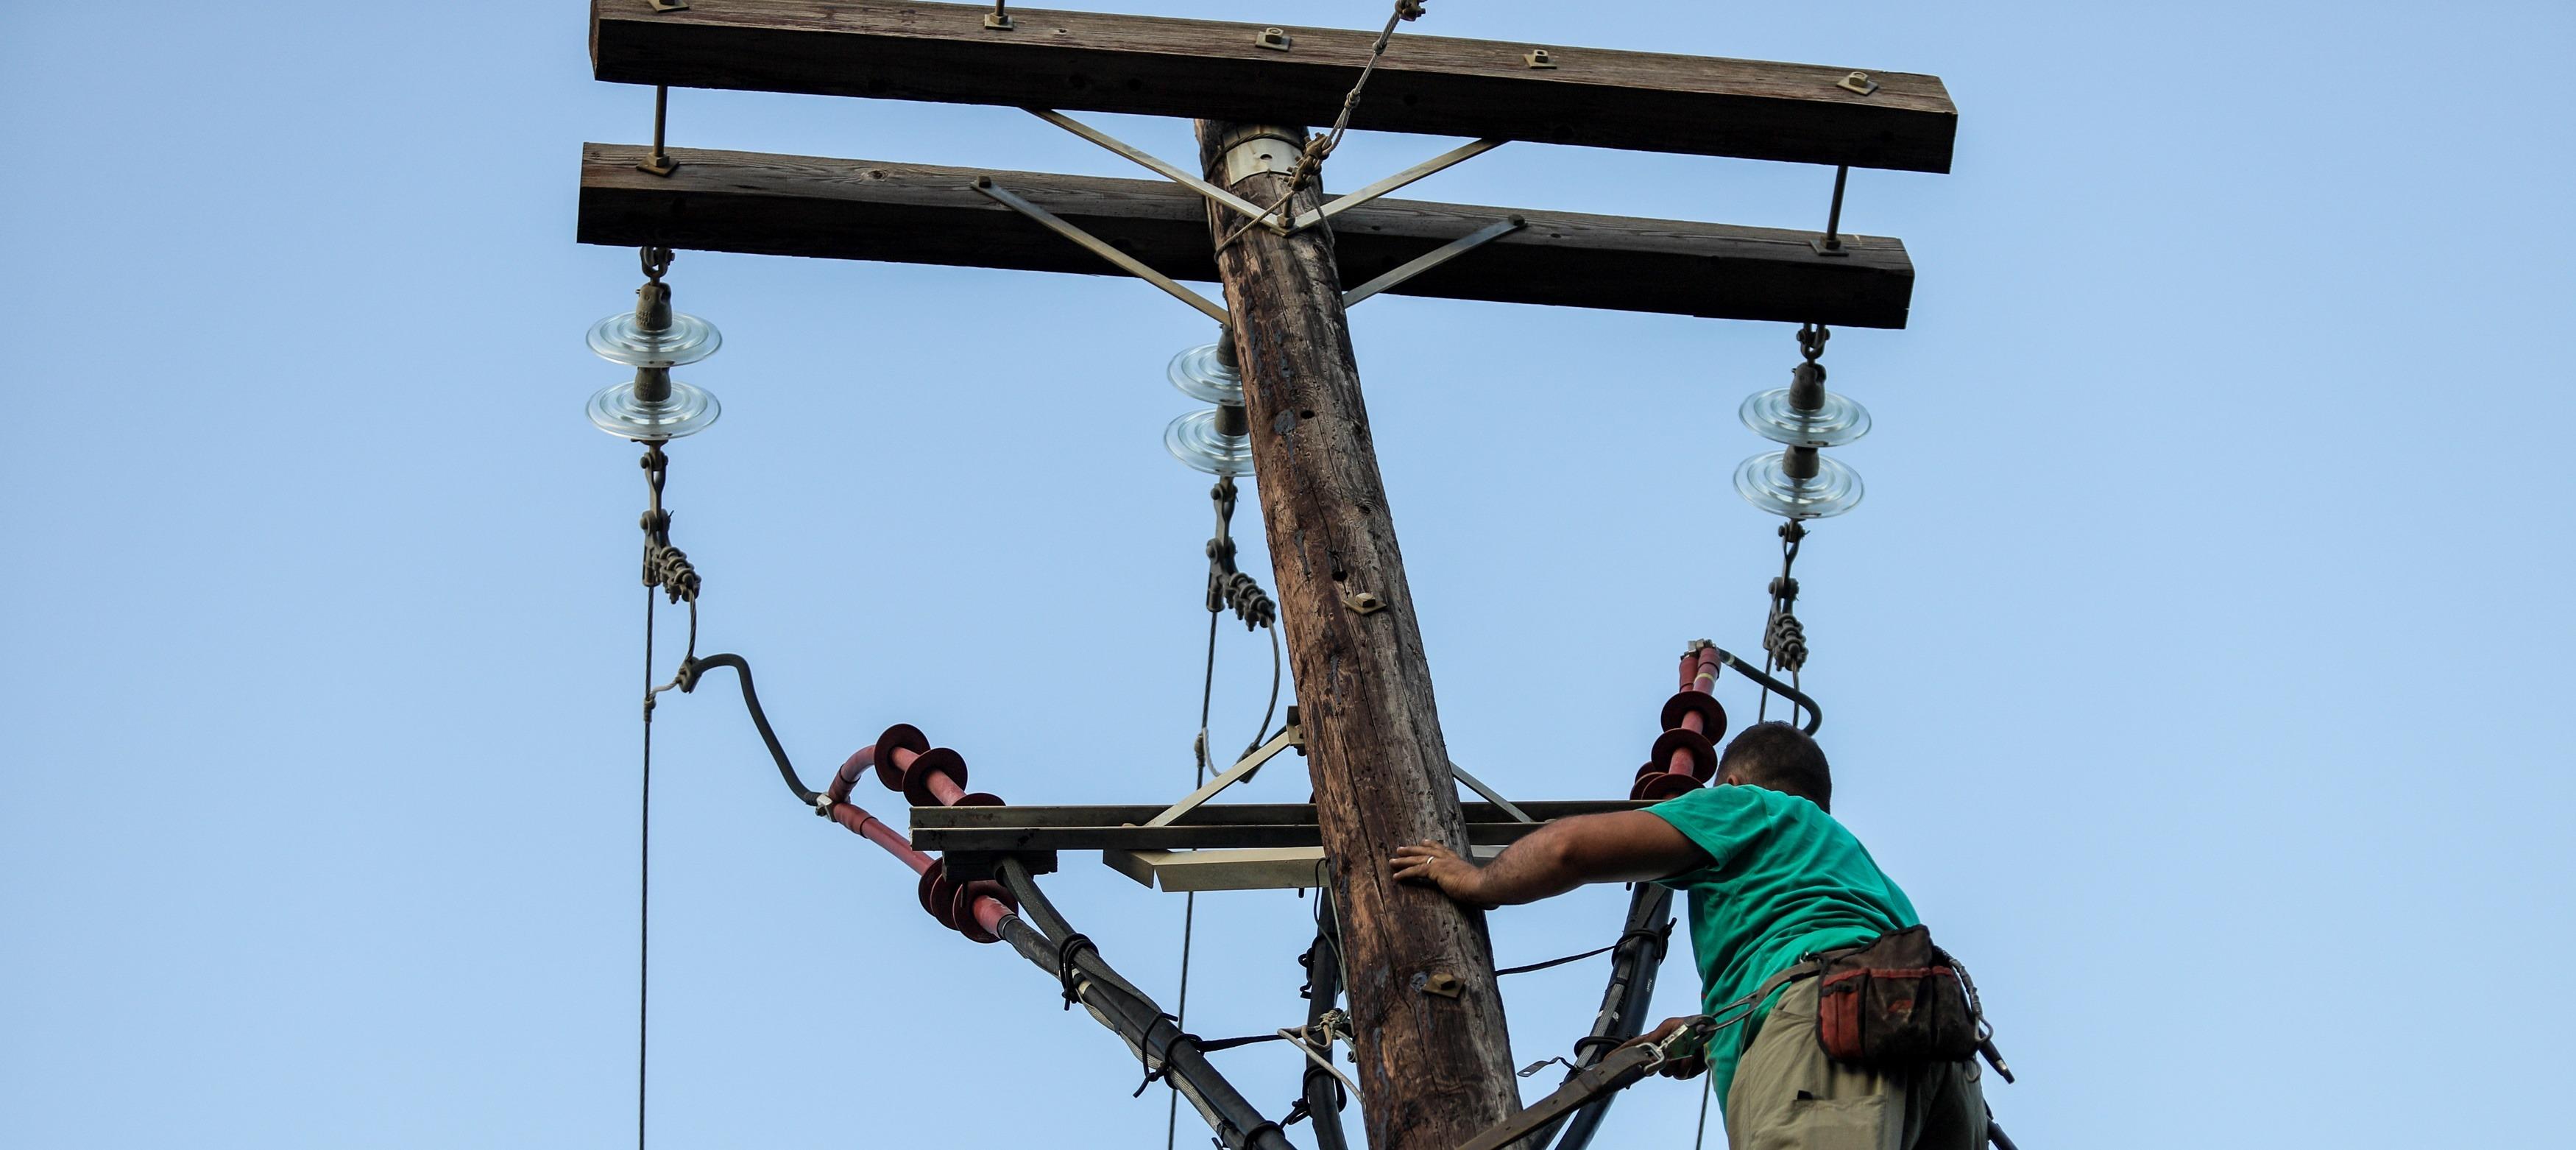 Δήμος Πόρου κατά ΔΕΔΔΗΕ: Τα καλώδια ρεύματος τοποθετήθηκαν χαμηλότερα